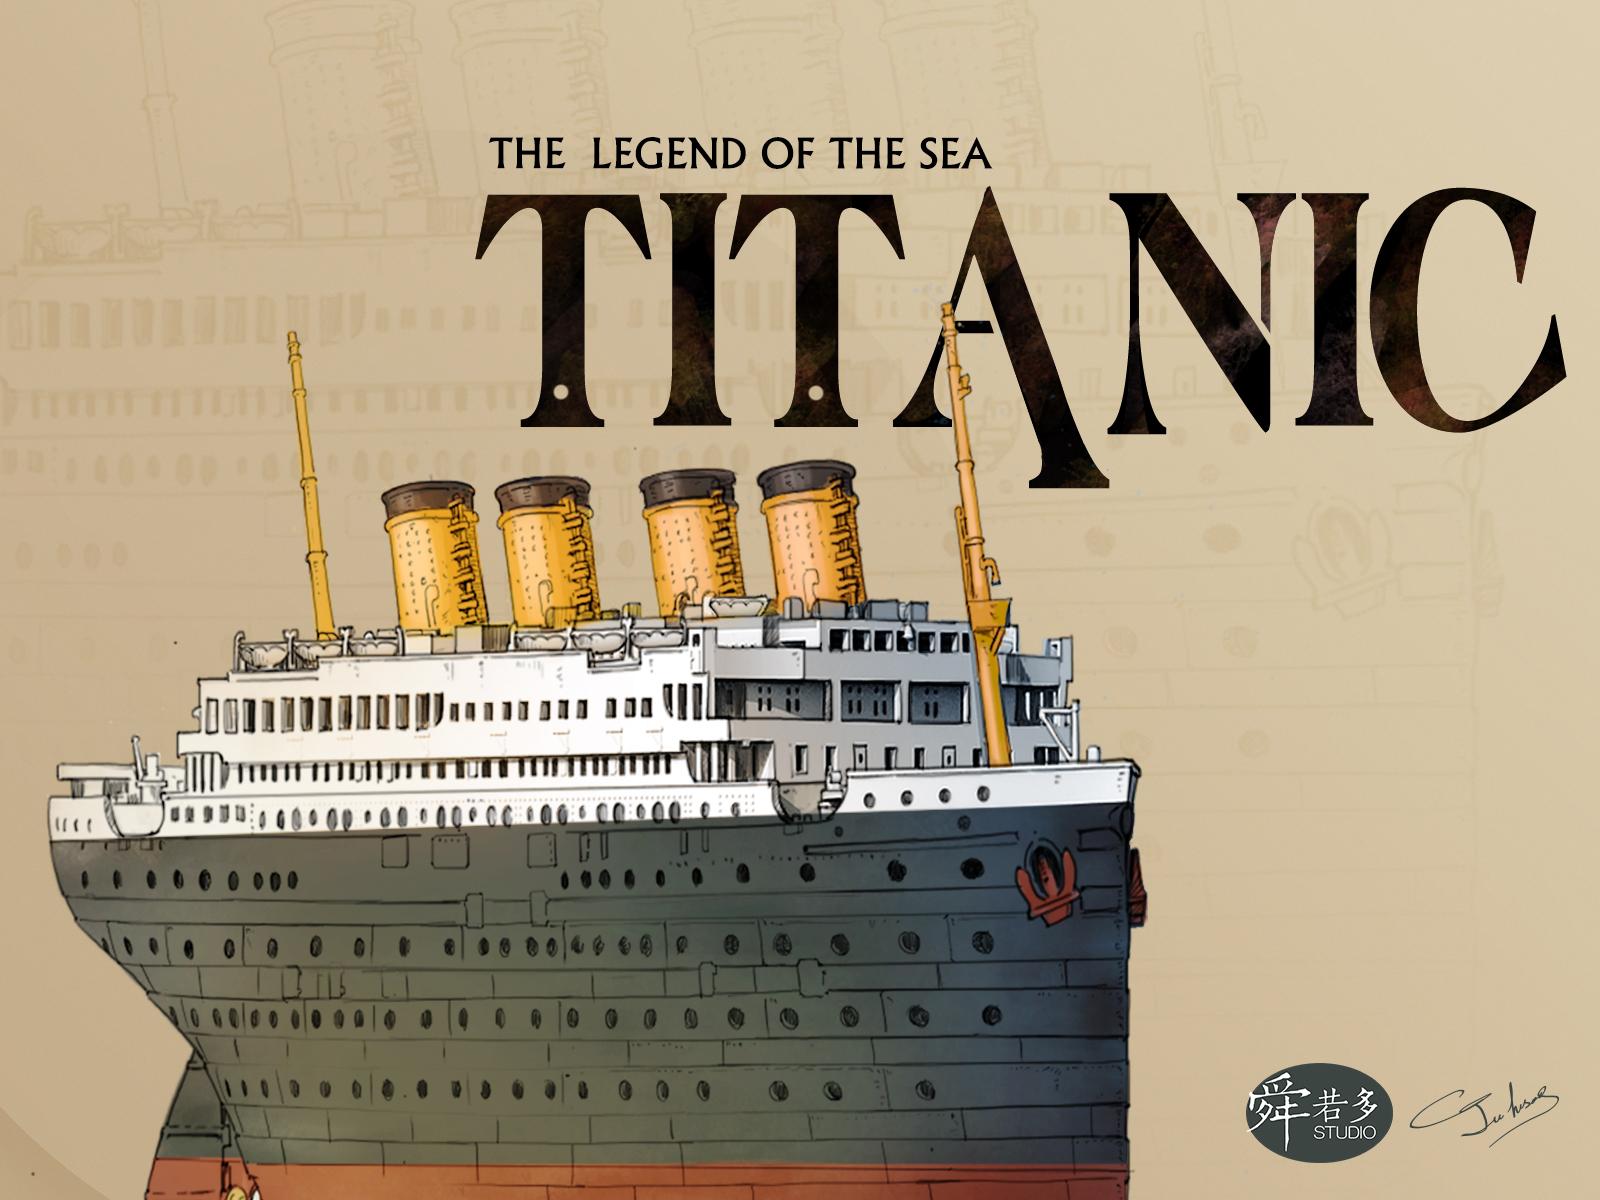 海洋传奇—泰坦尼克